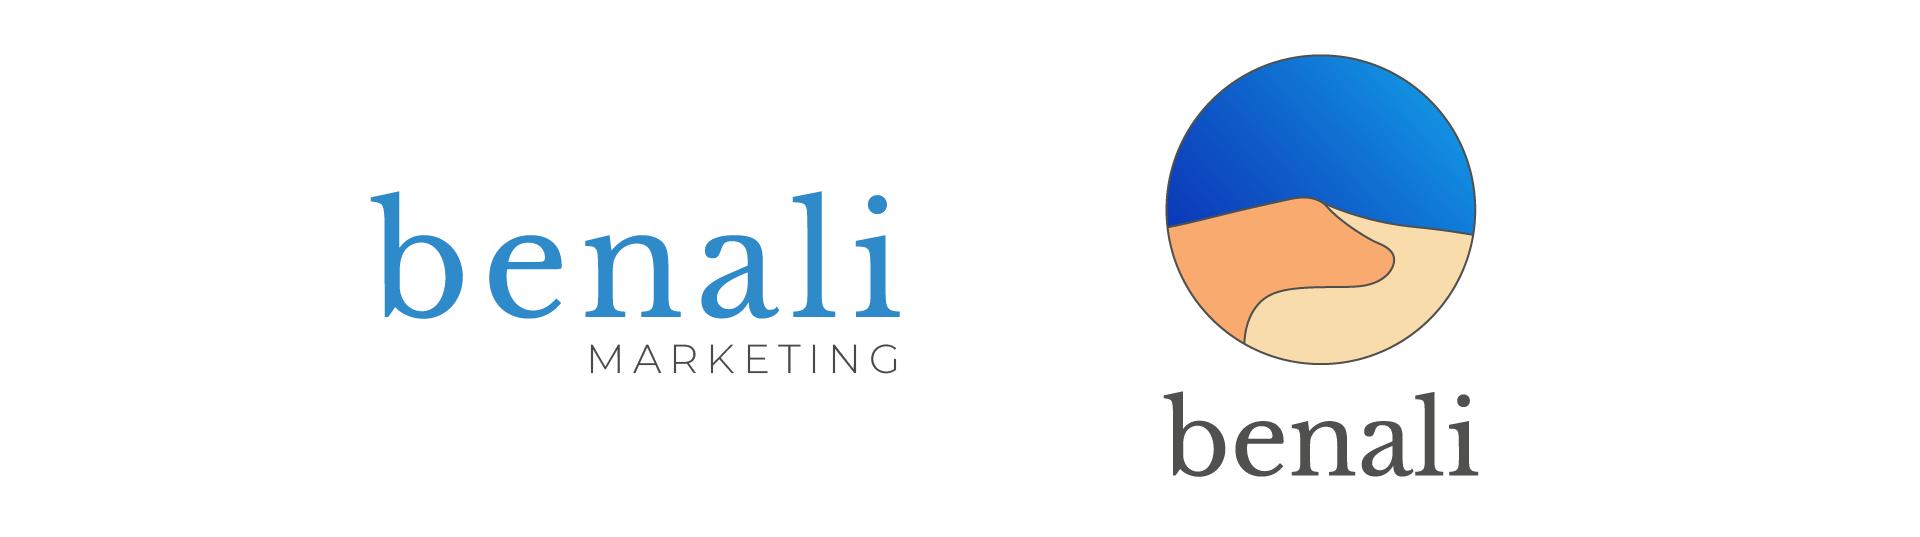 Old Benali Logos